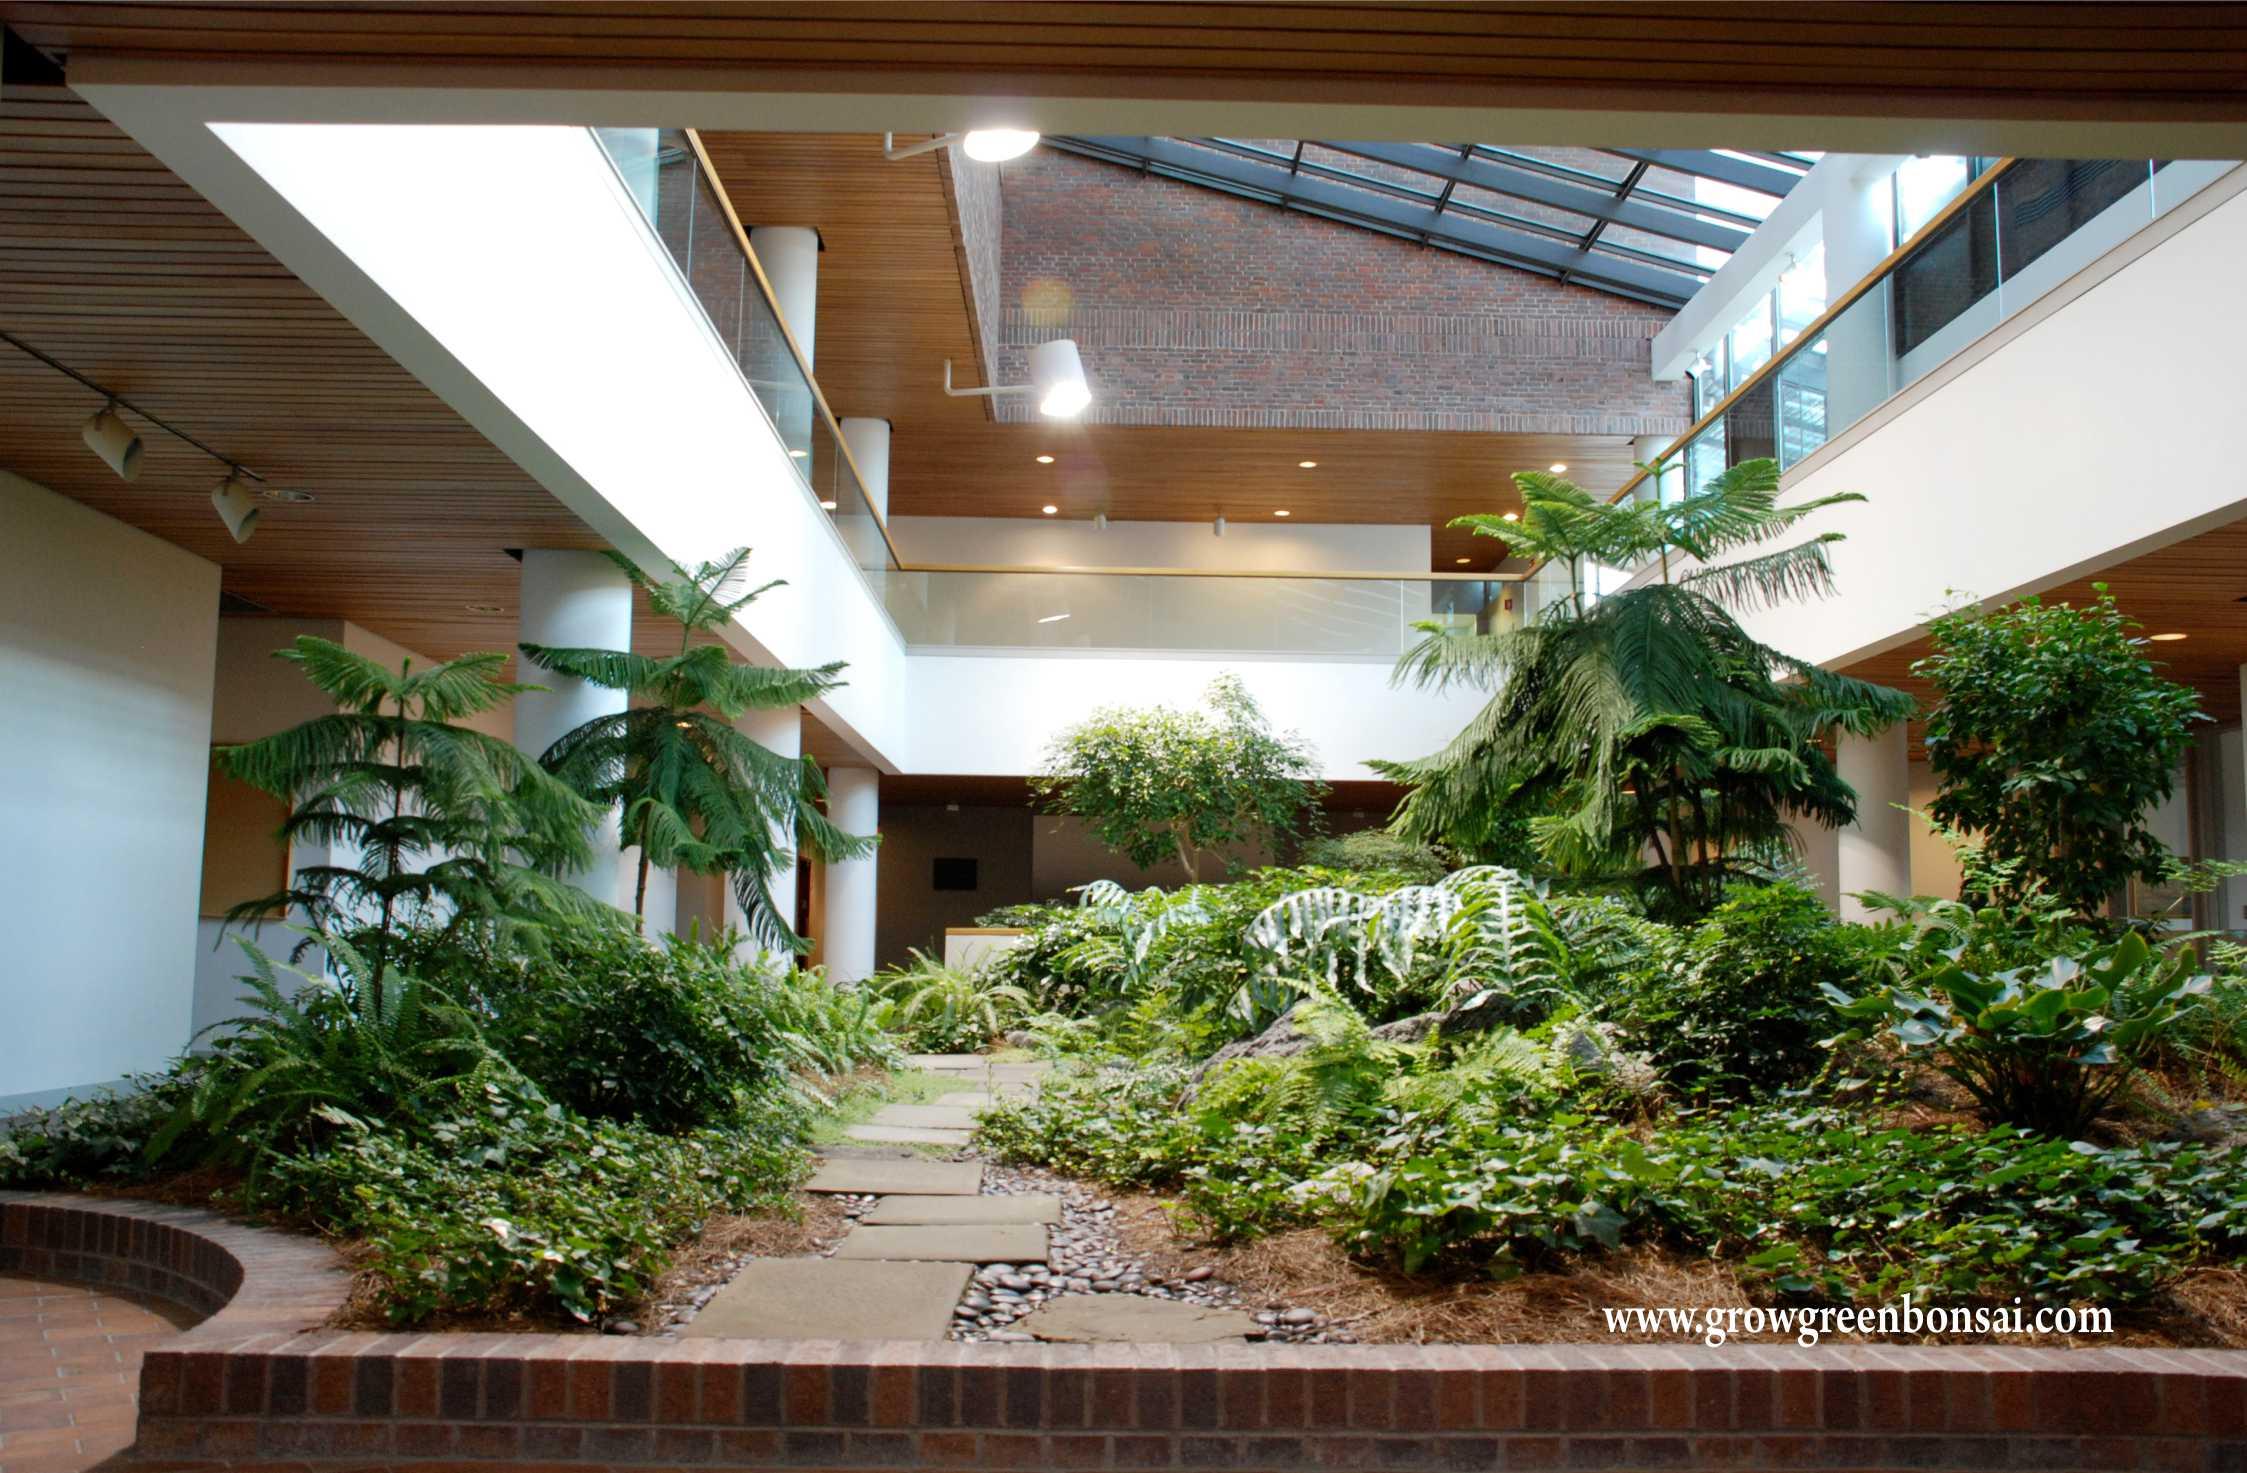 38 Glorious Japanese Garden Ideas: Grow Green Bonsai